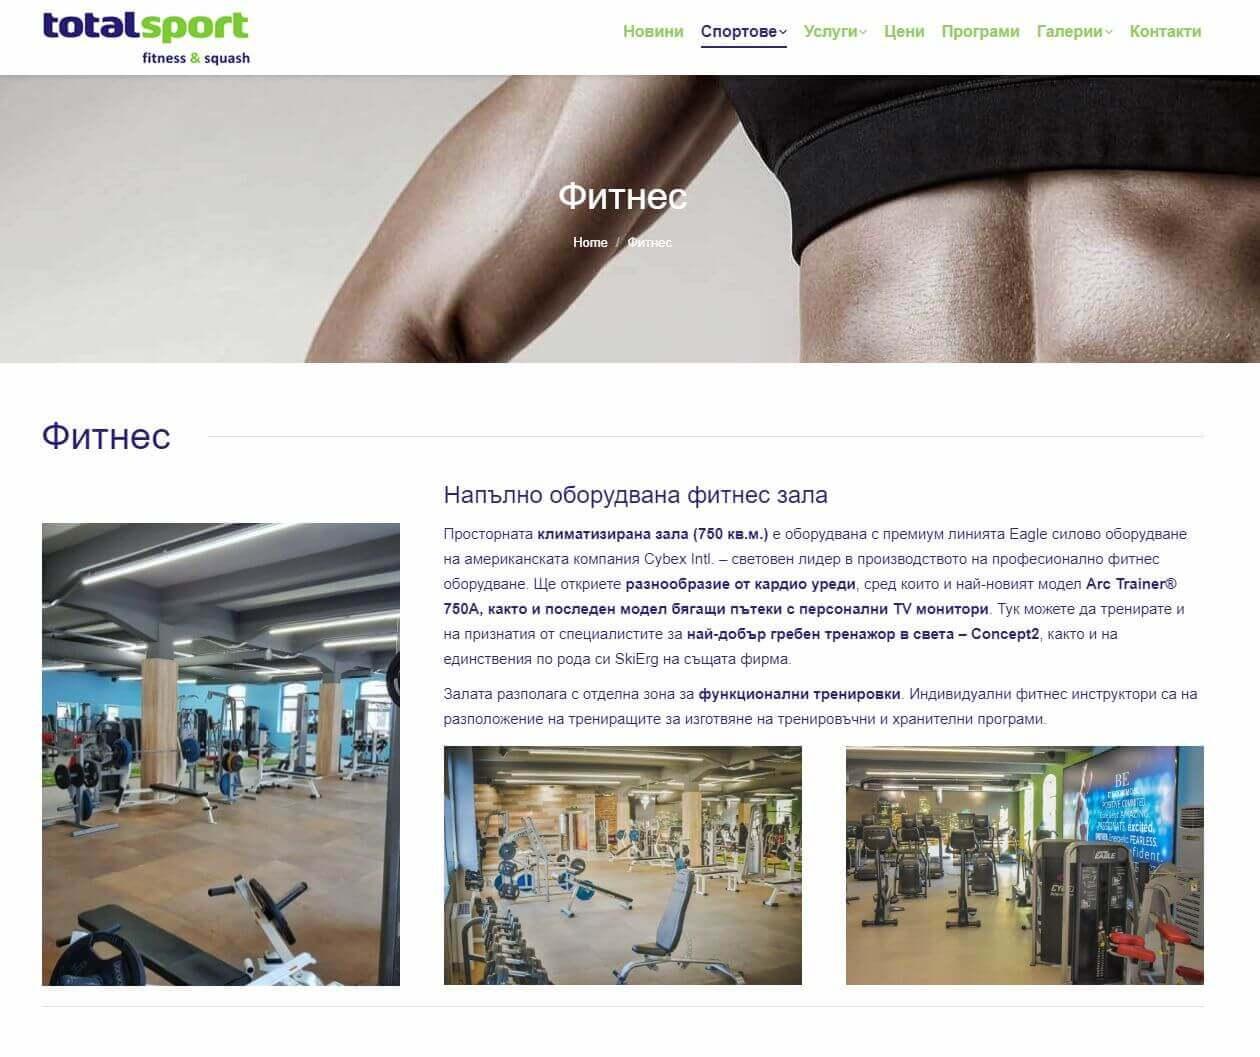 SEO оптимизация и изработка на уеб сайт - спортен клуб Тотал Спорт